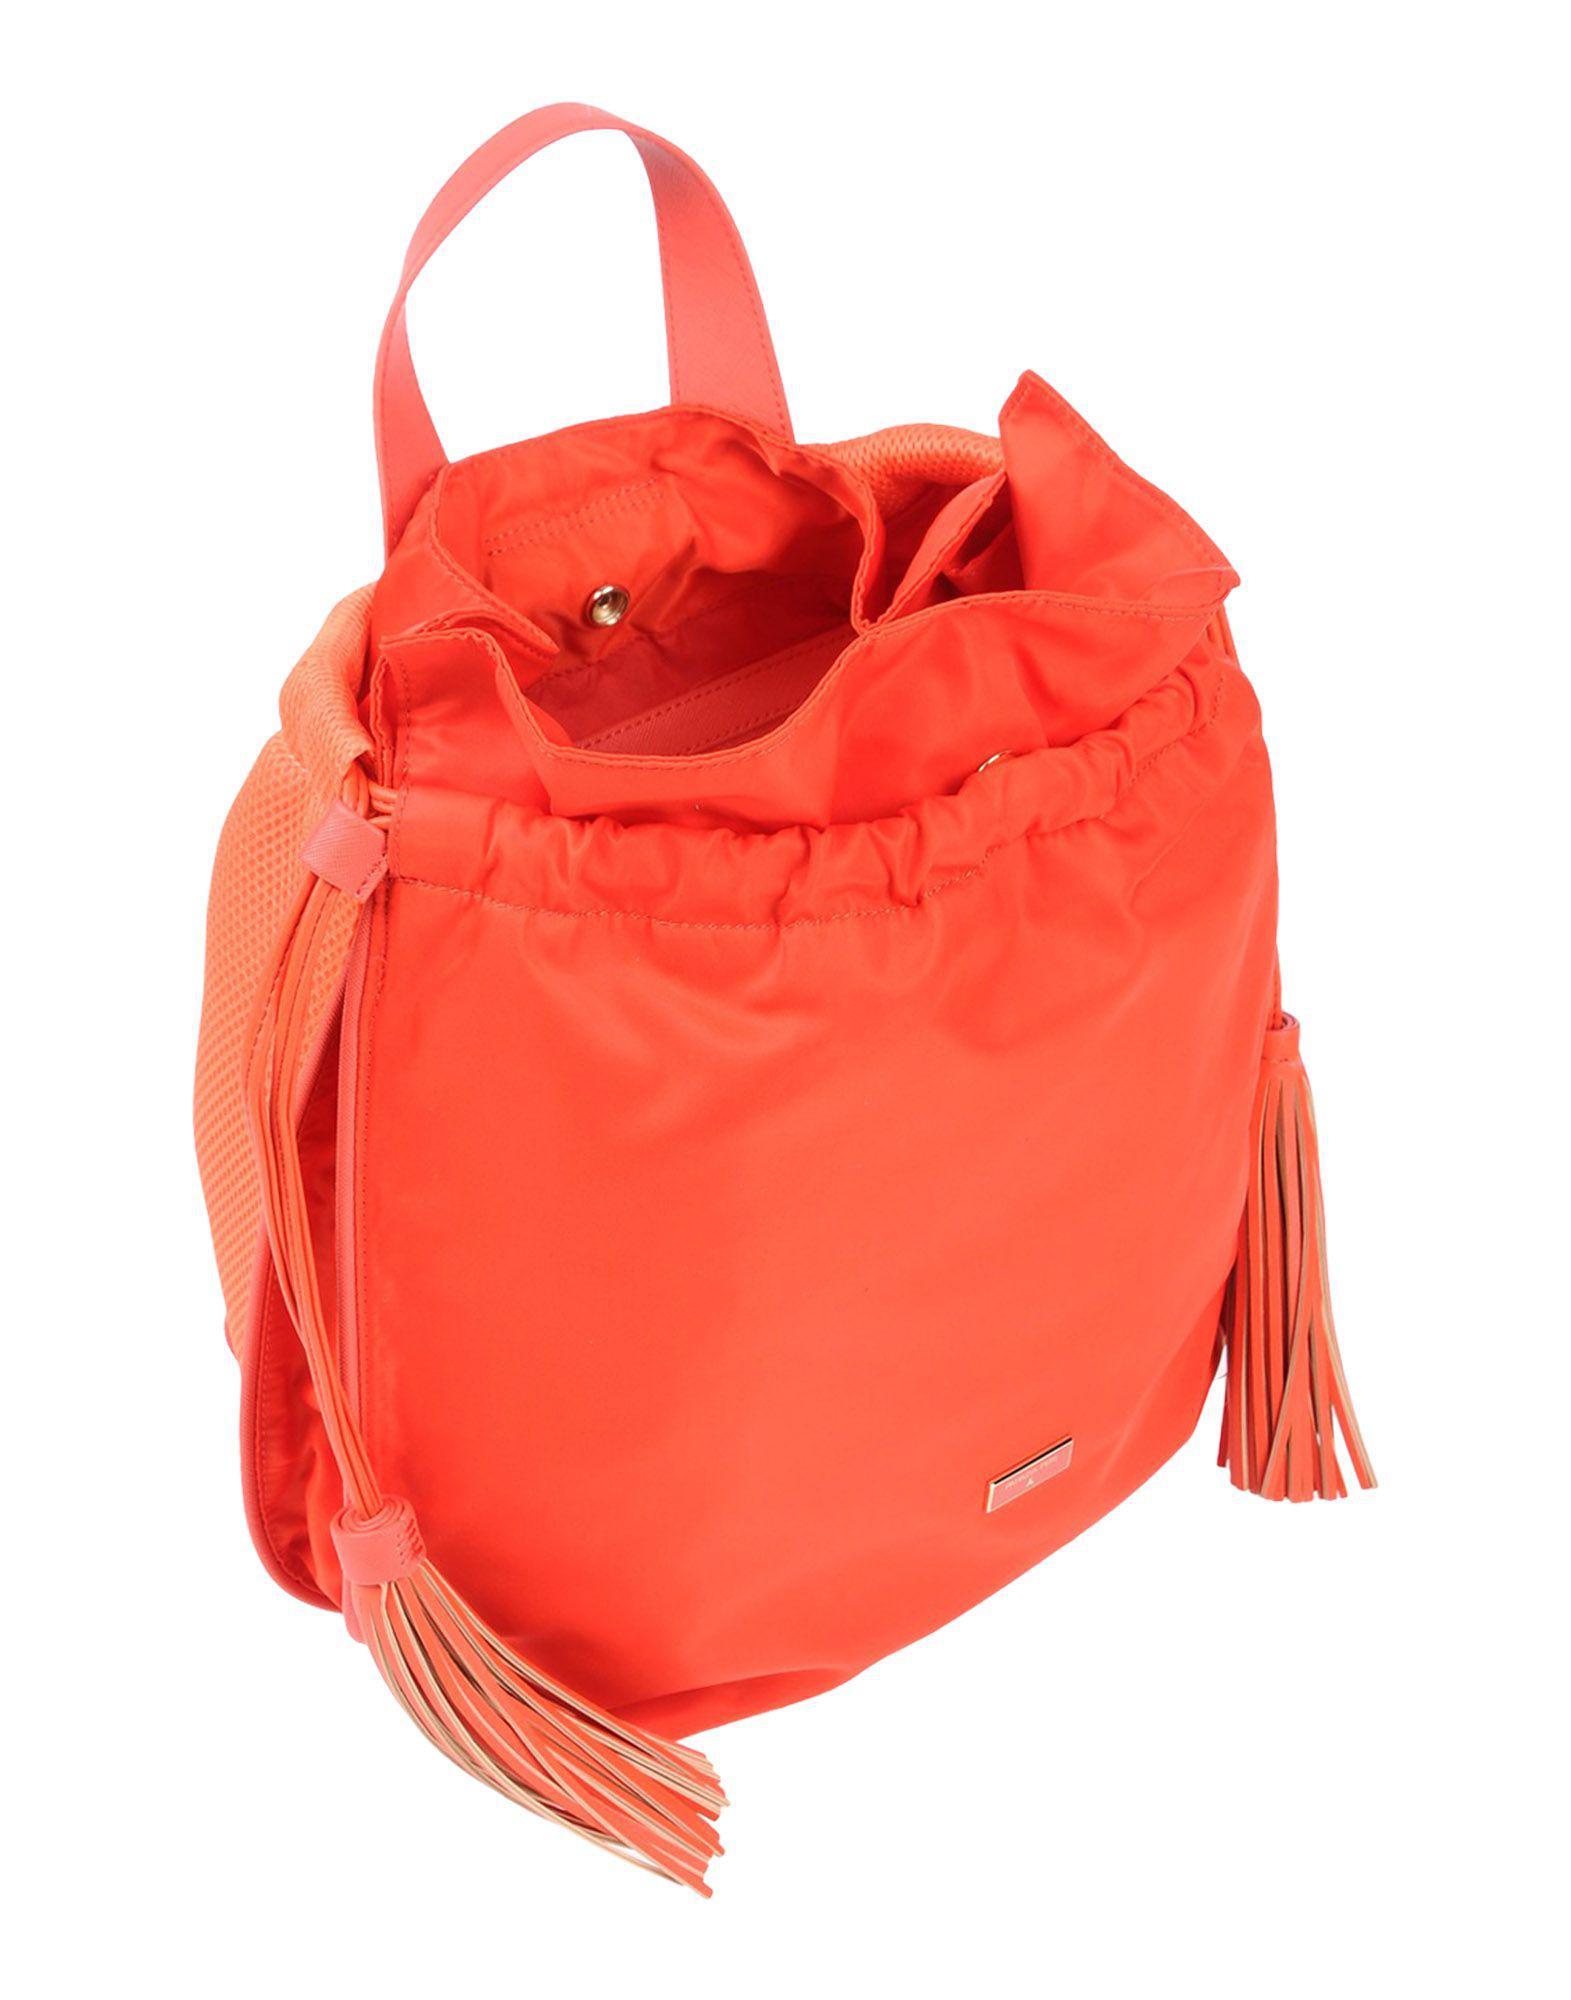 Patrizia Pepe Backpacks & Fanny Packs in Orange